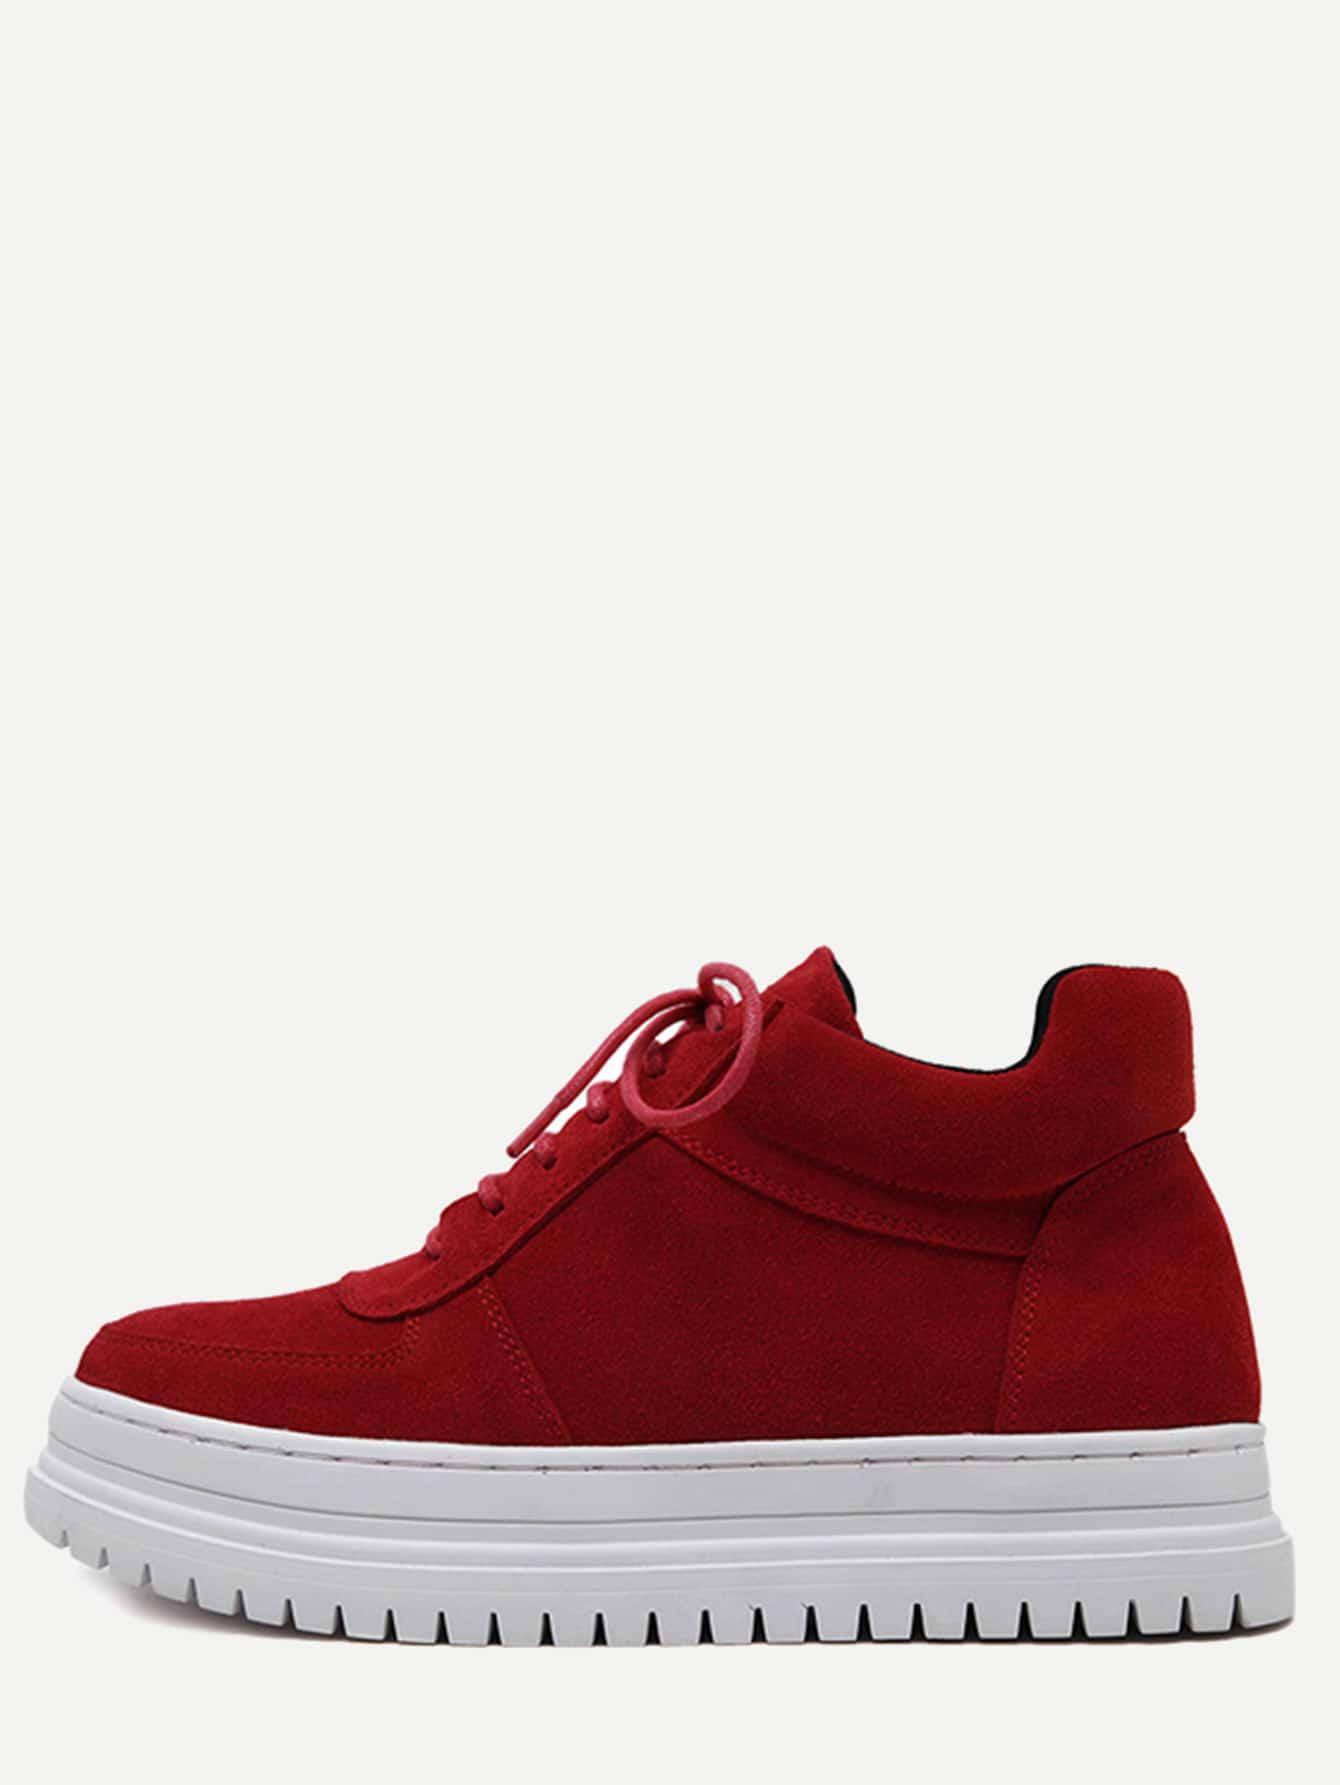 shoes161019807_2